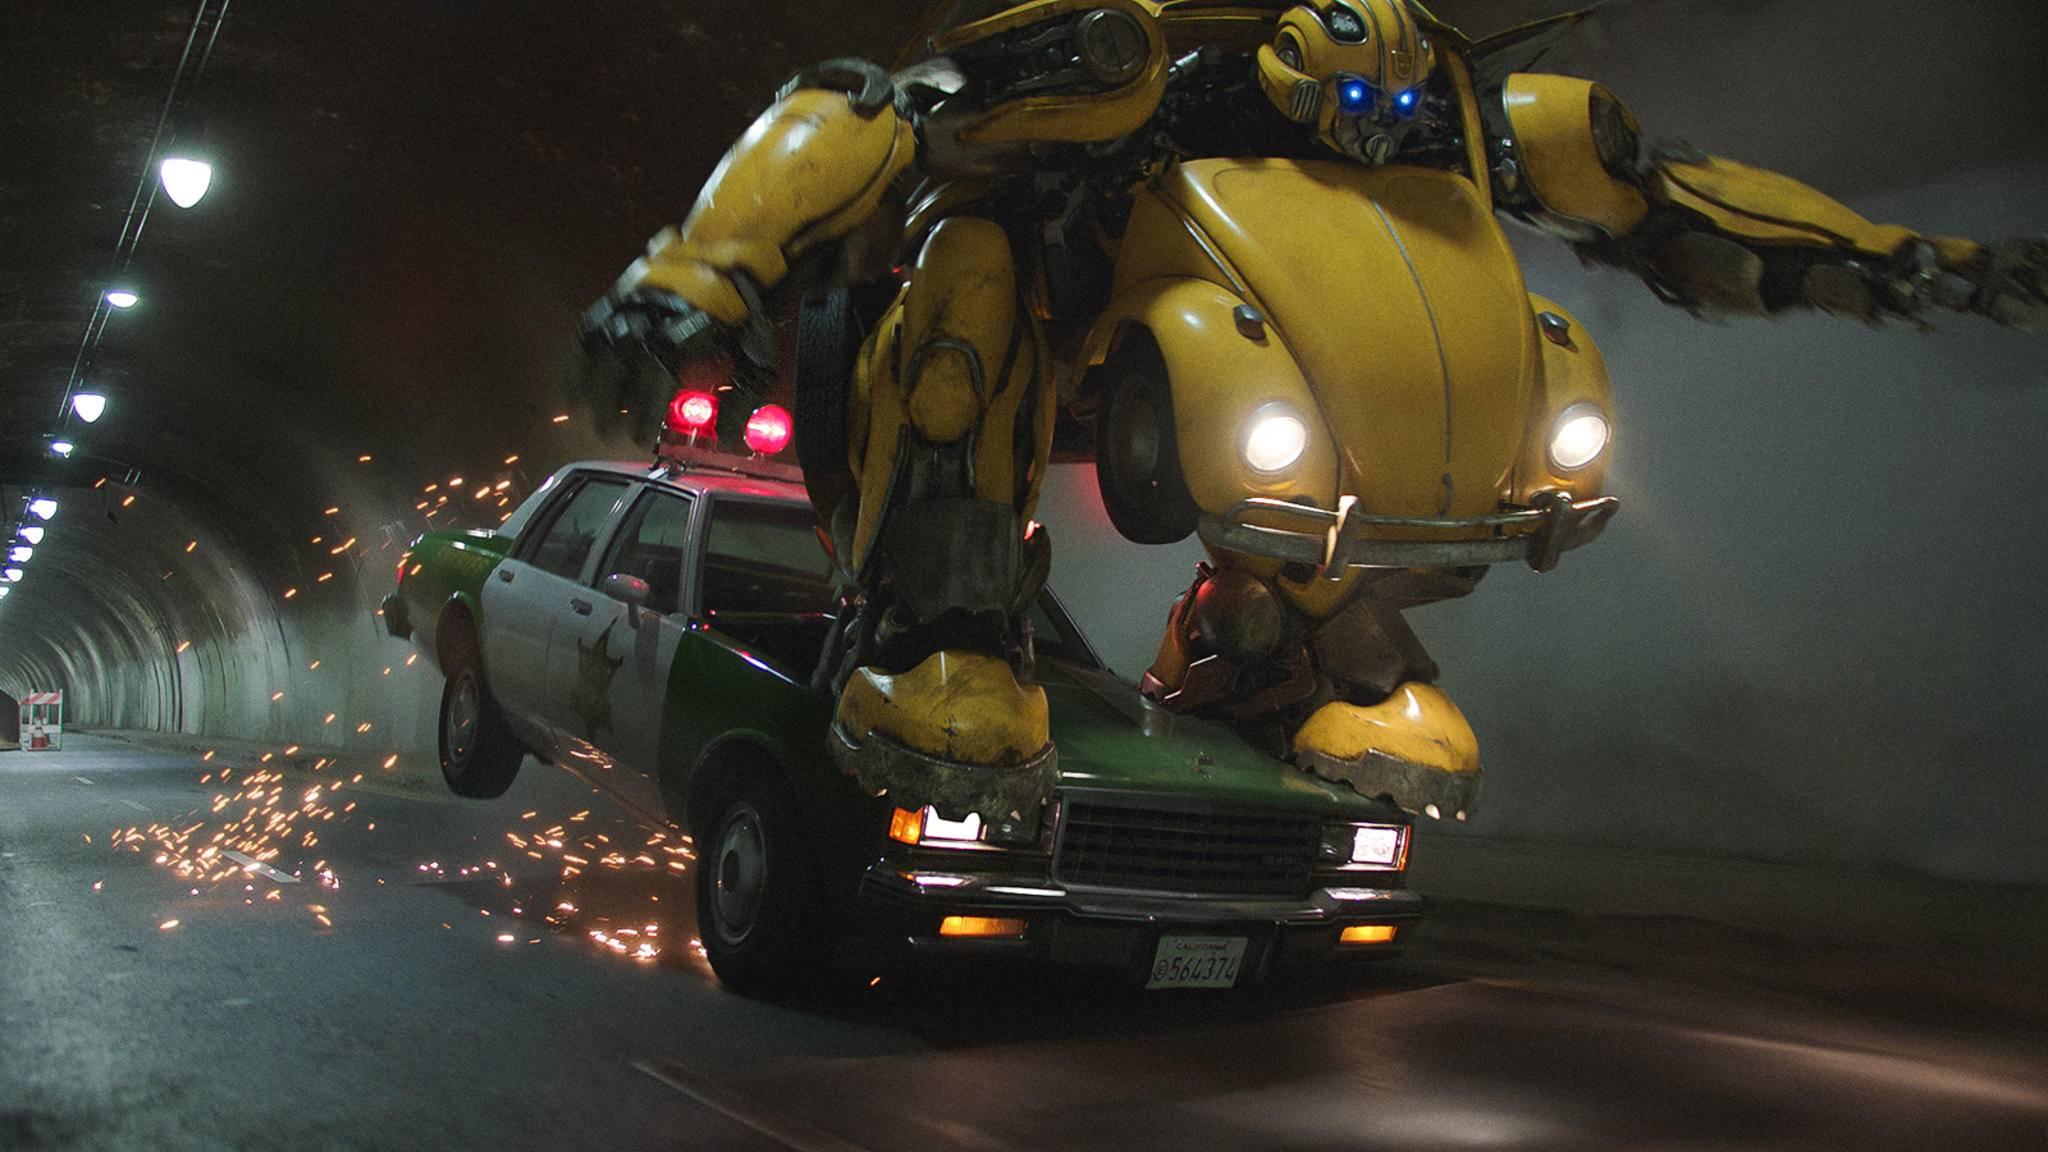 Mit Wumm zurück auf die Leinwand: Bumblebee und seine Artgenossen bekommen zwei neue Filme spendiert!